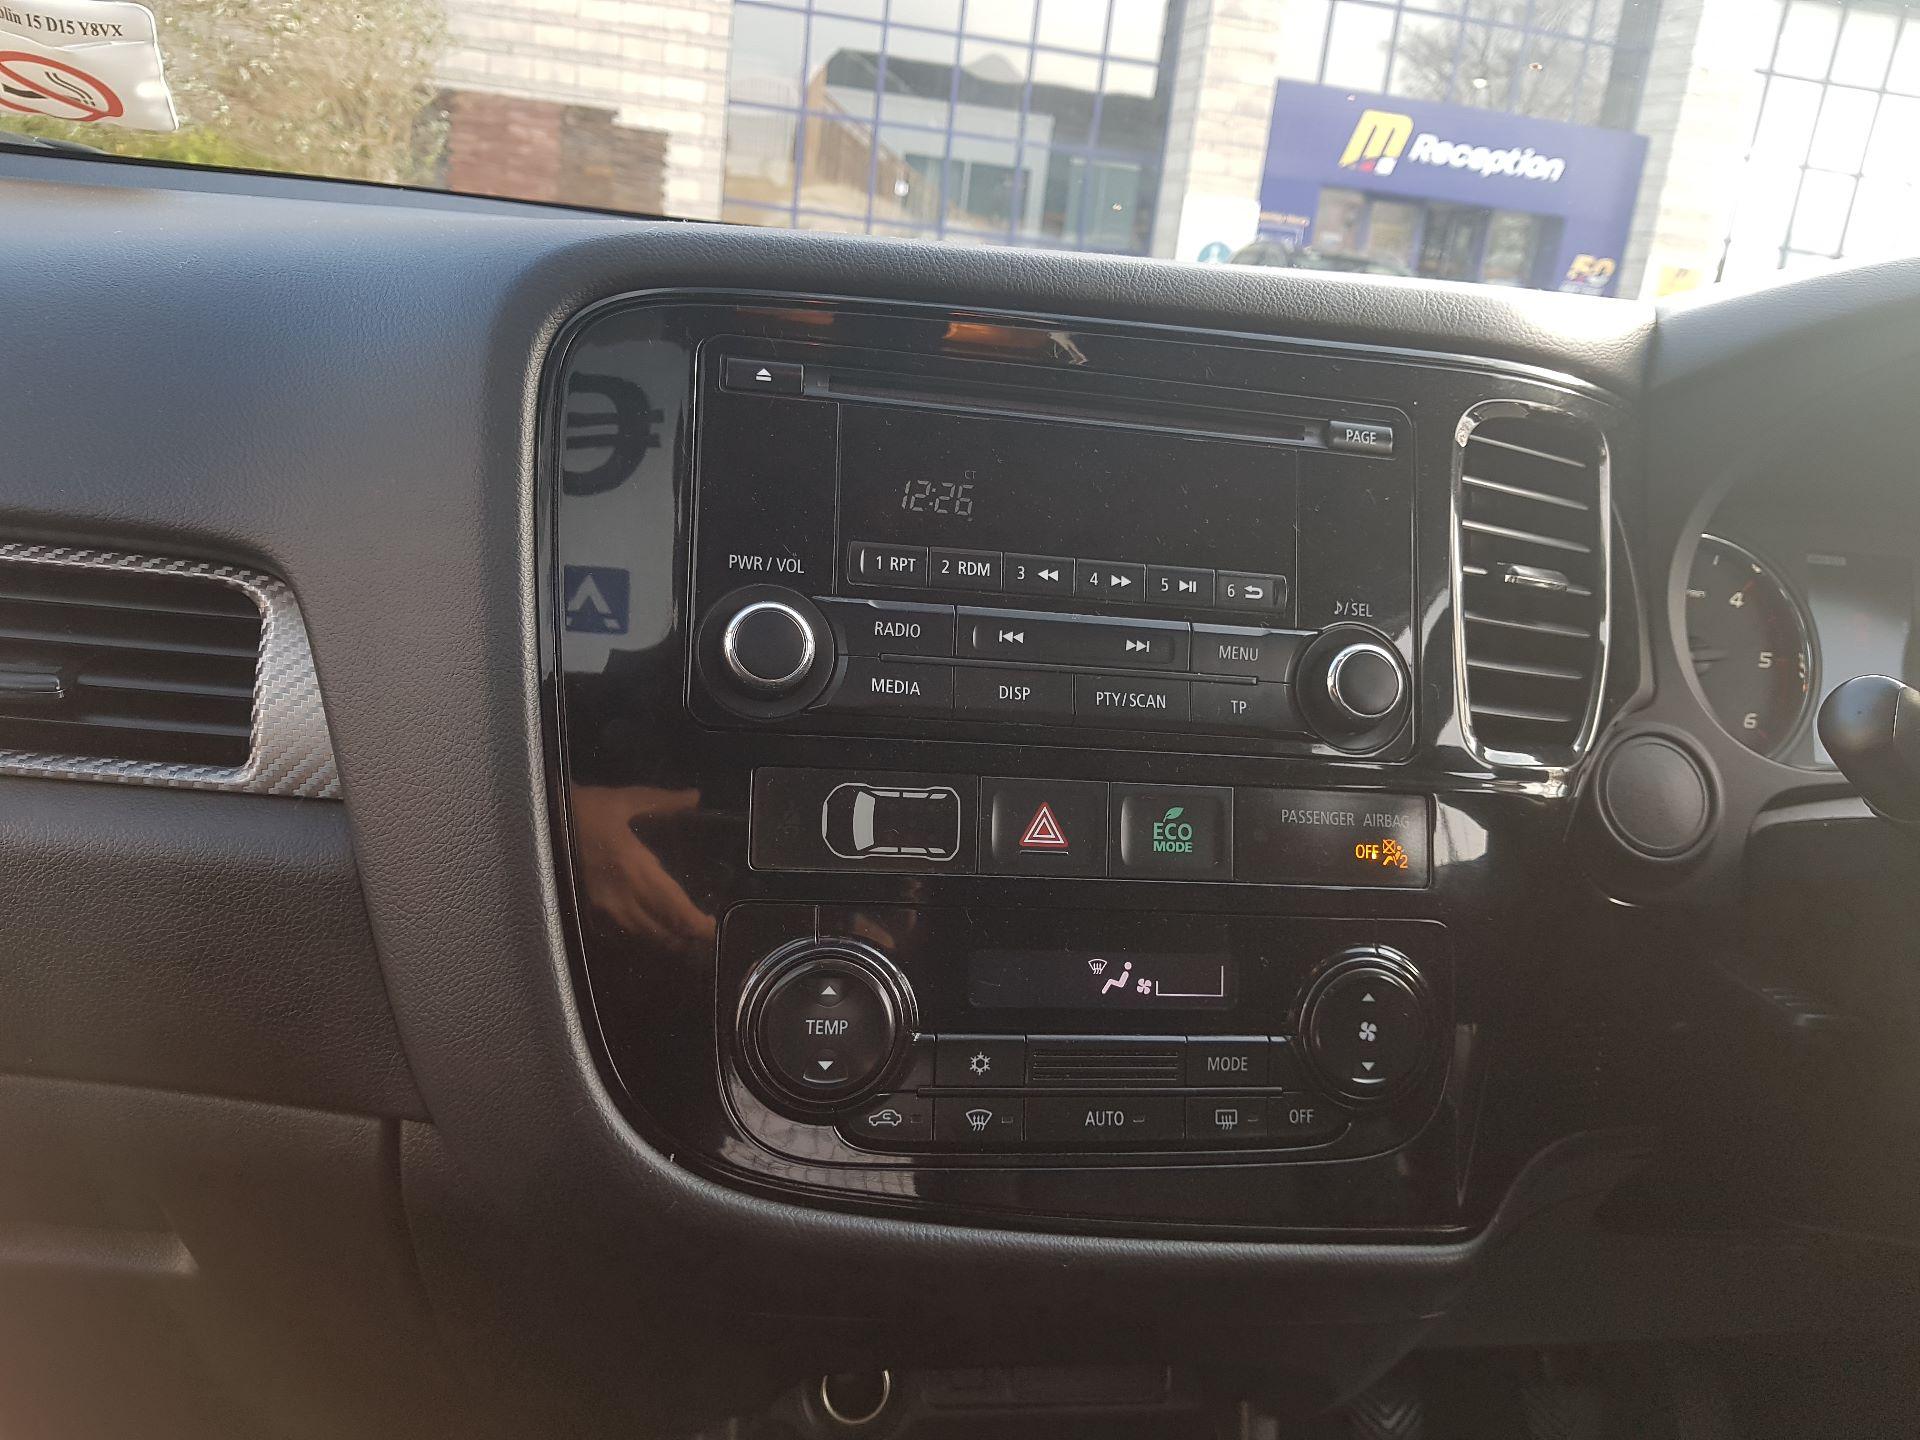 2015 Mitsubishi Outlander 4WD 6MT N1 Comm 4DR (152D18581) Image 12